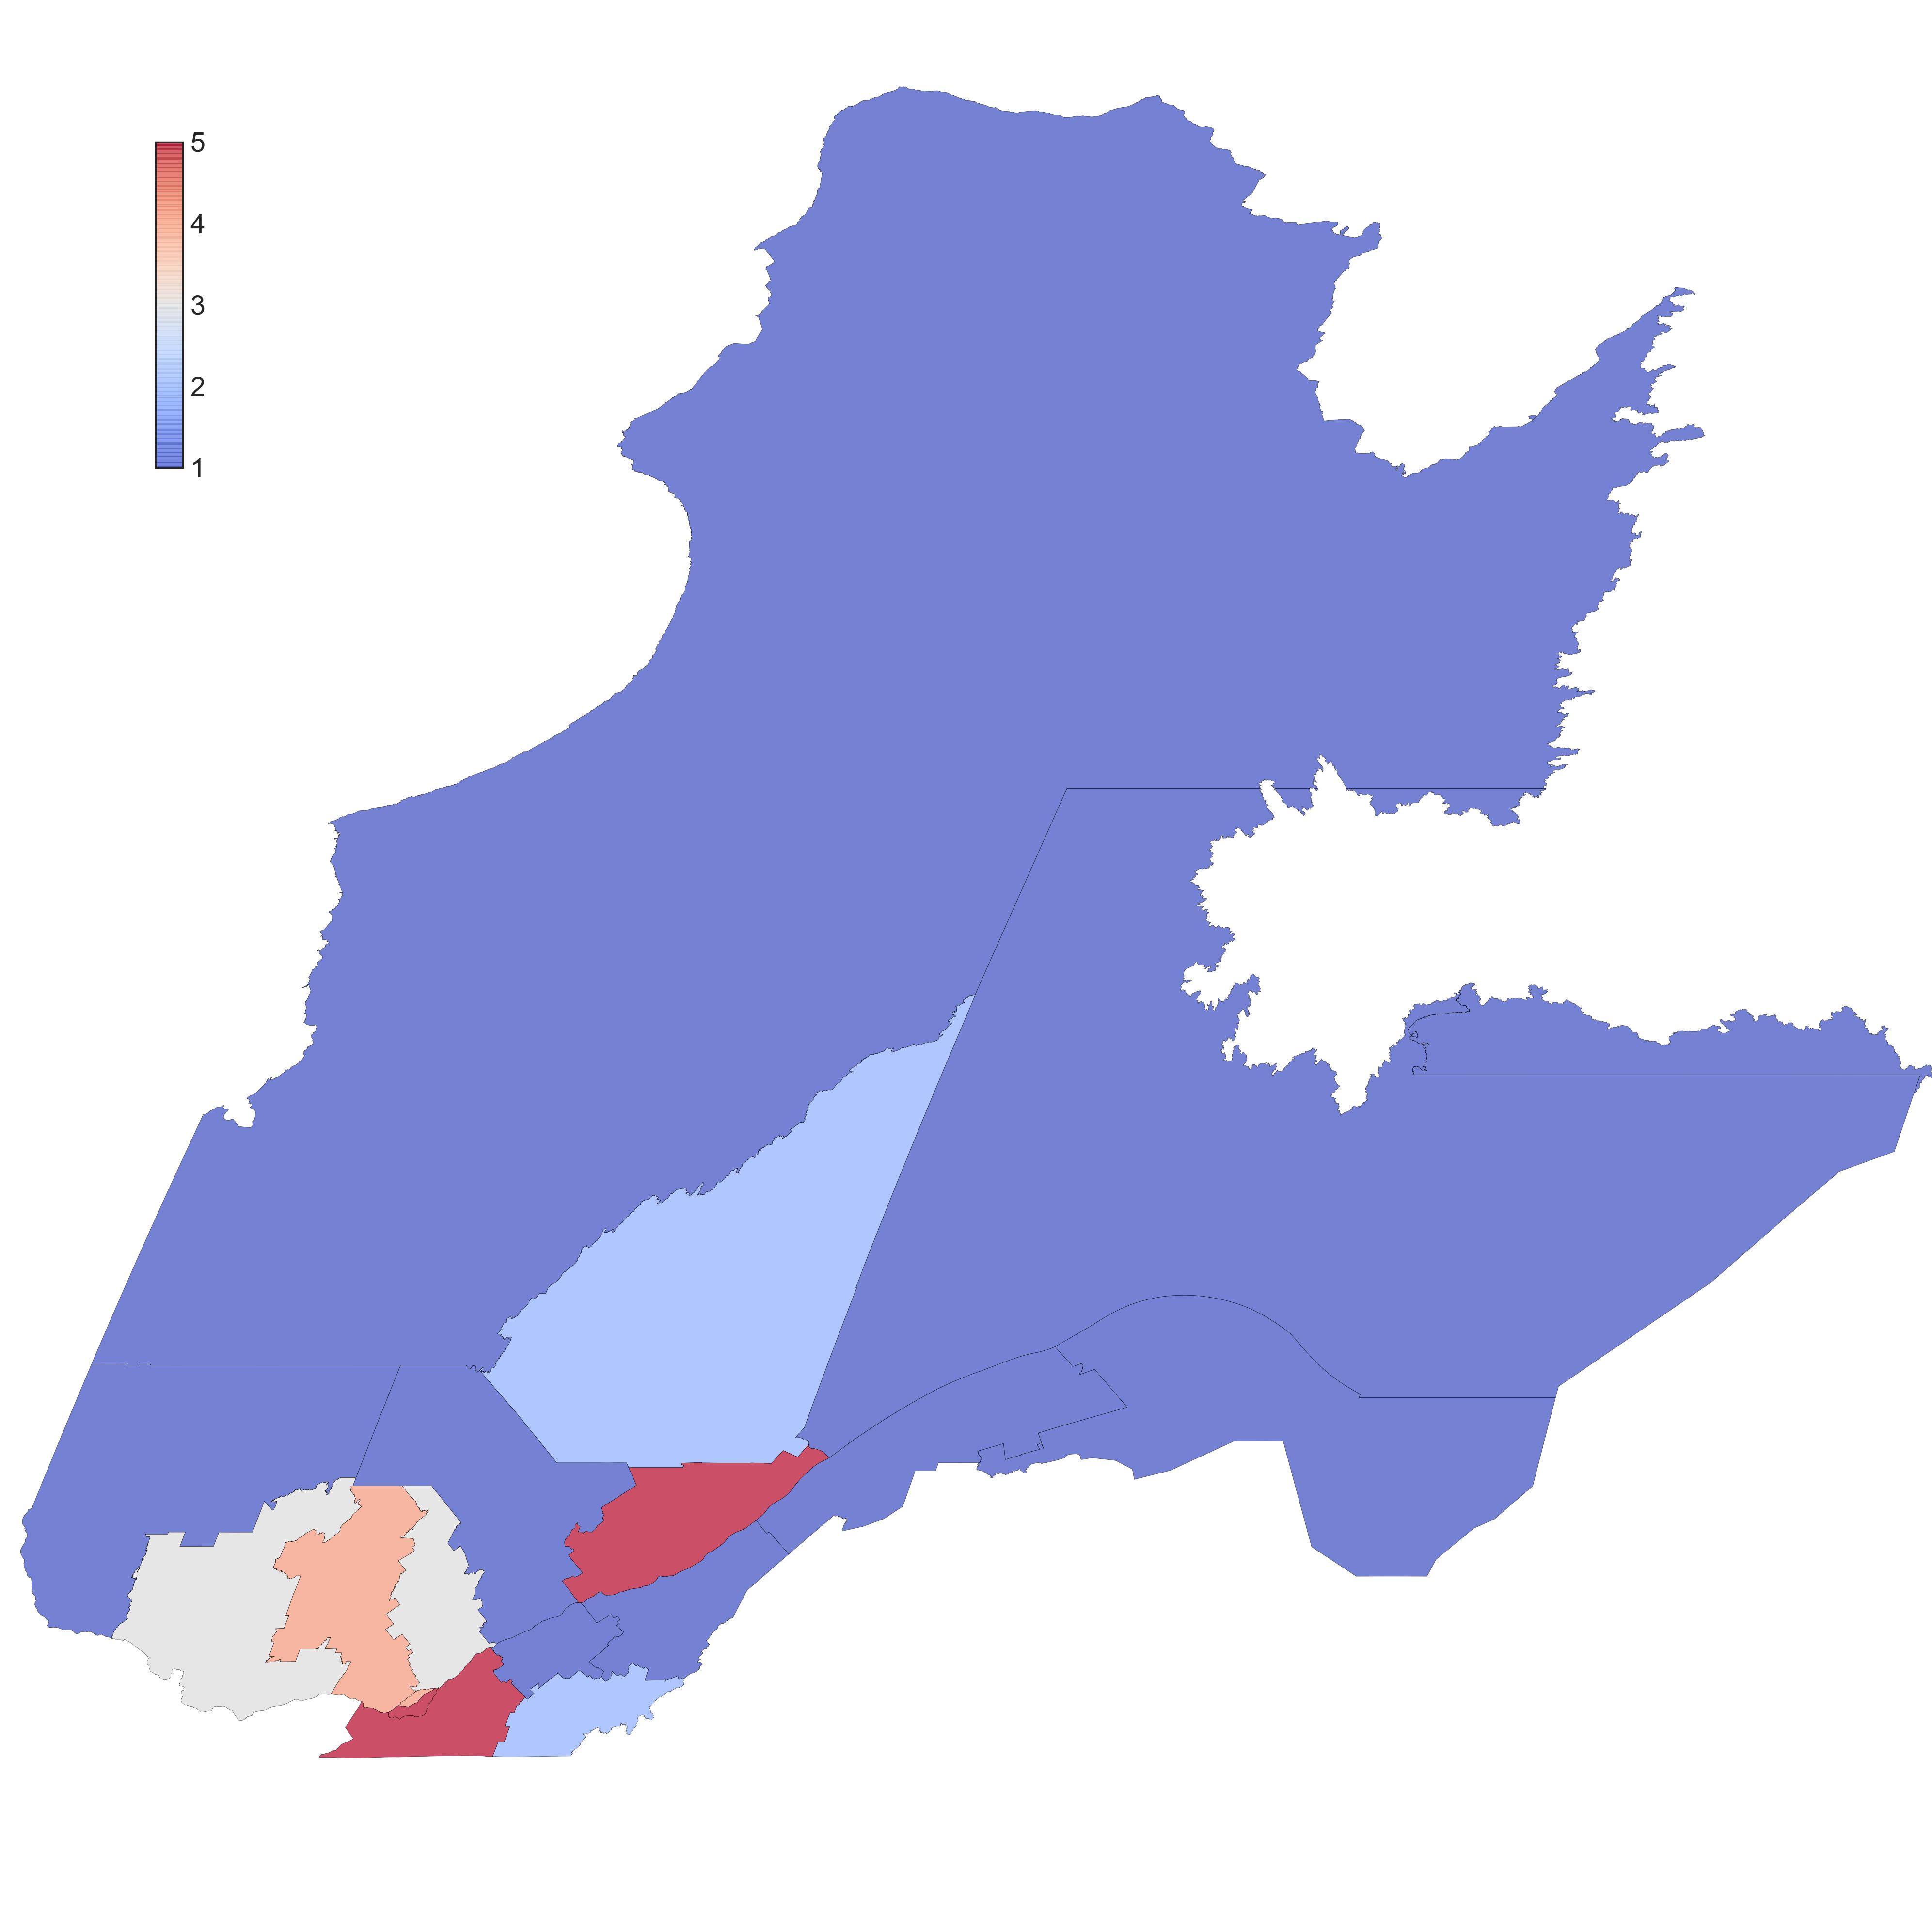 Répartition géographique des TIC au Québec